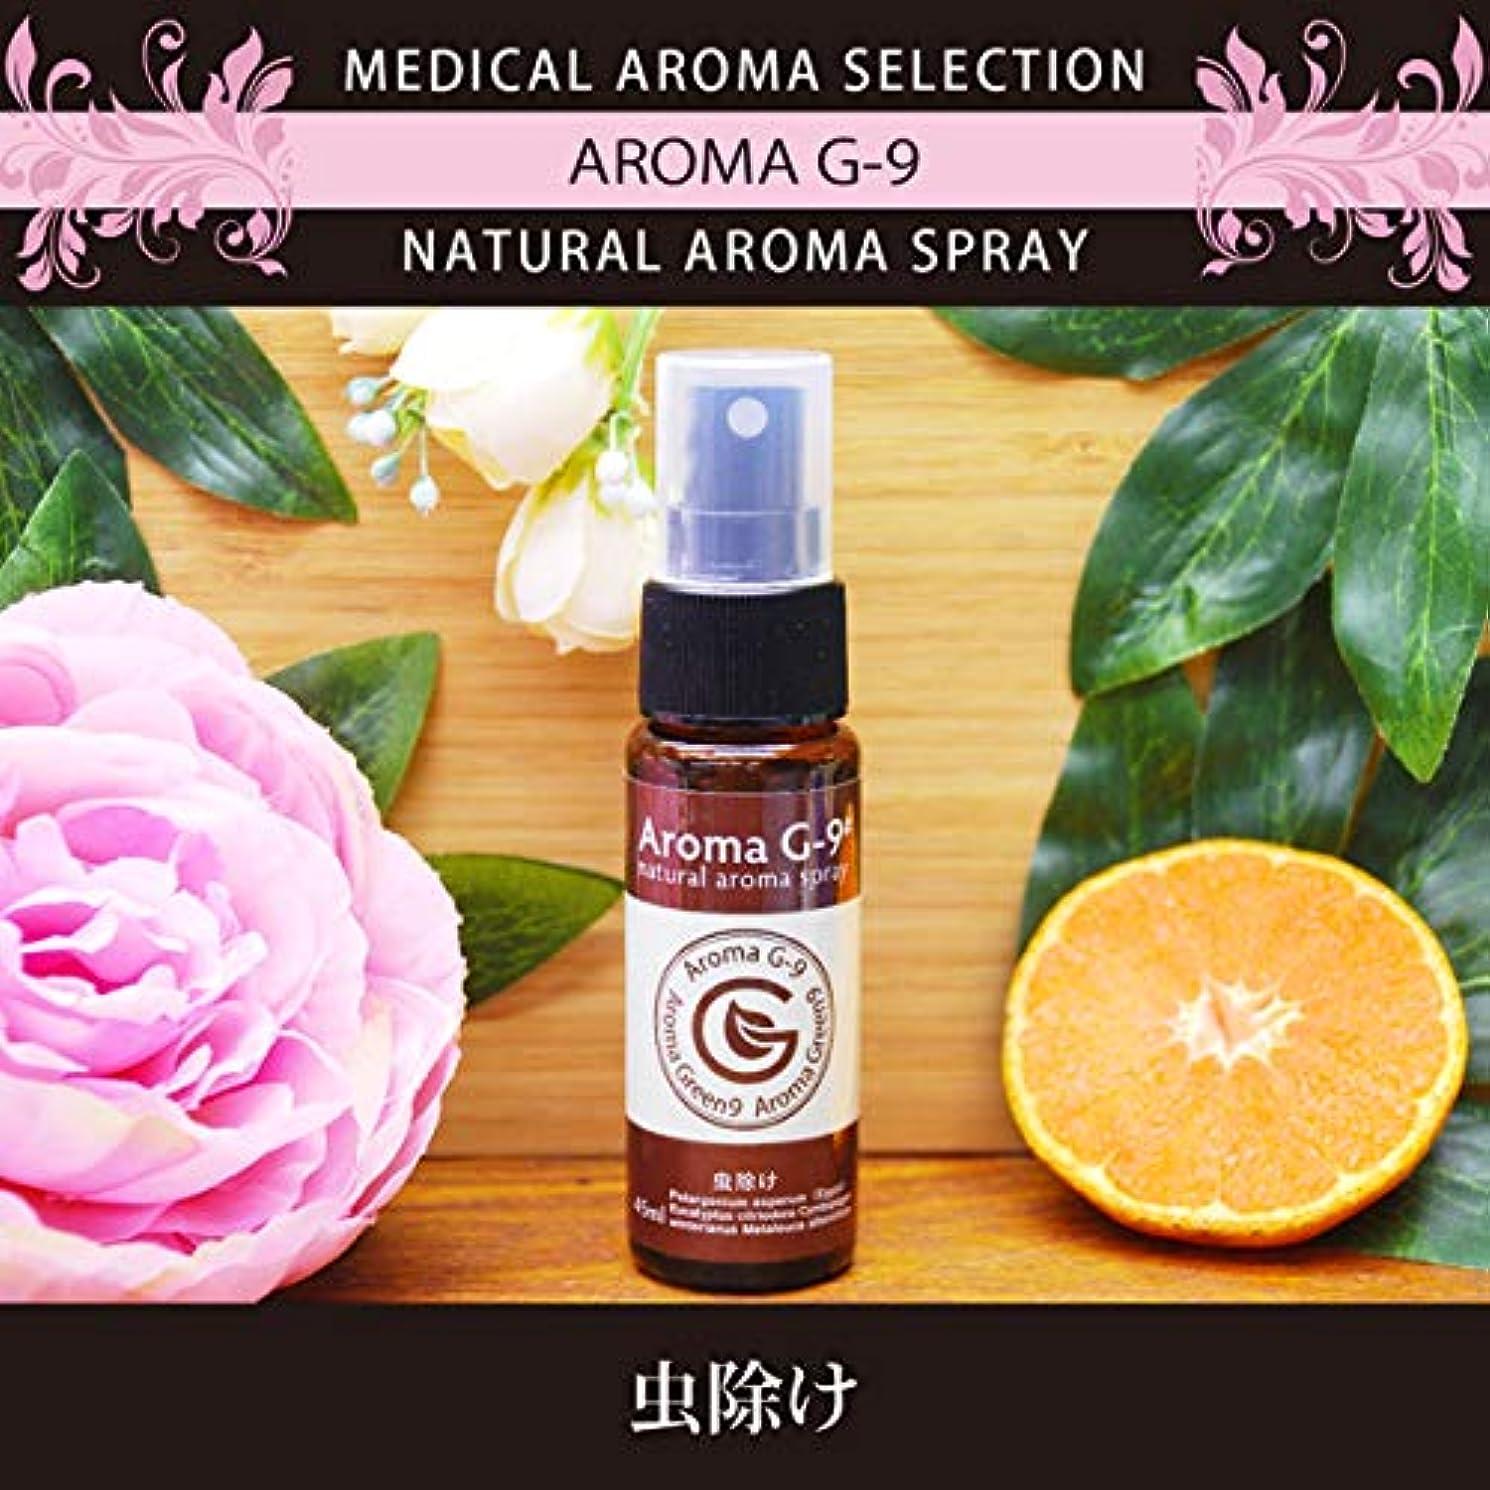 バンク非難例示するアロマスプレー Aroma G-9# 虫除けスプレー 45ml